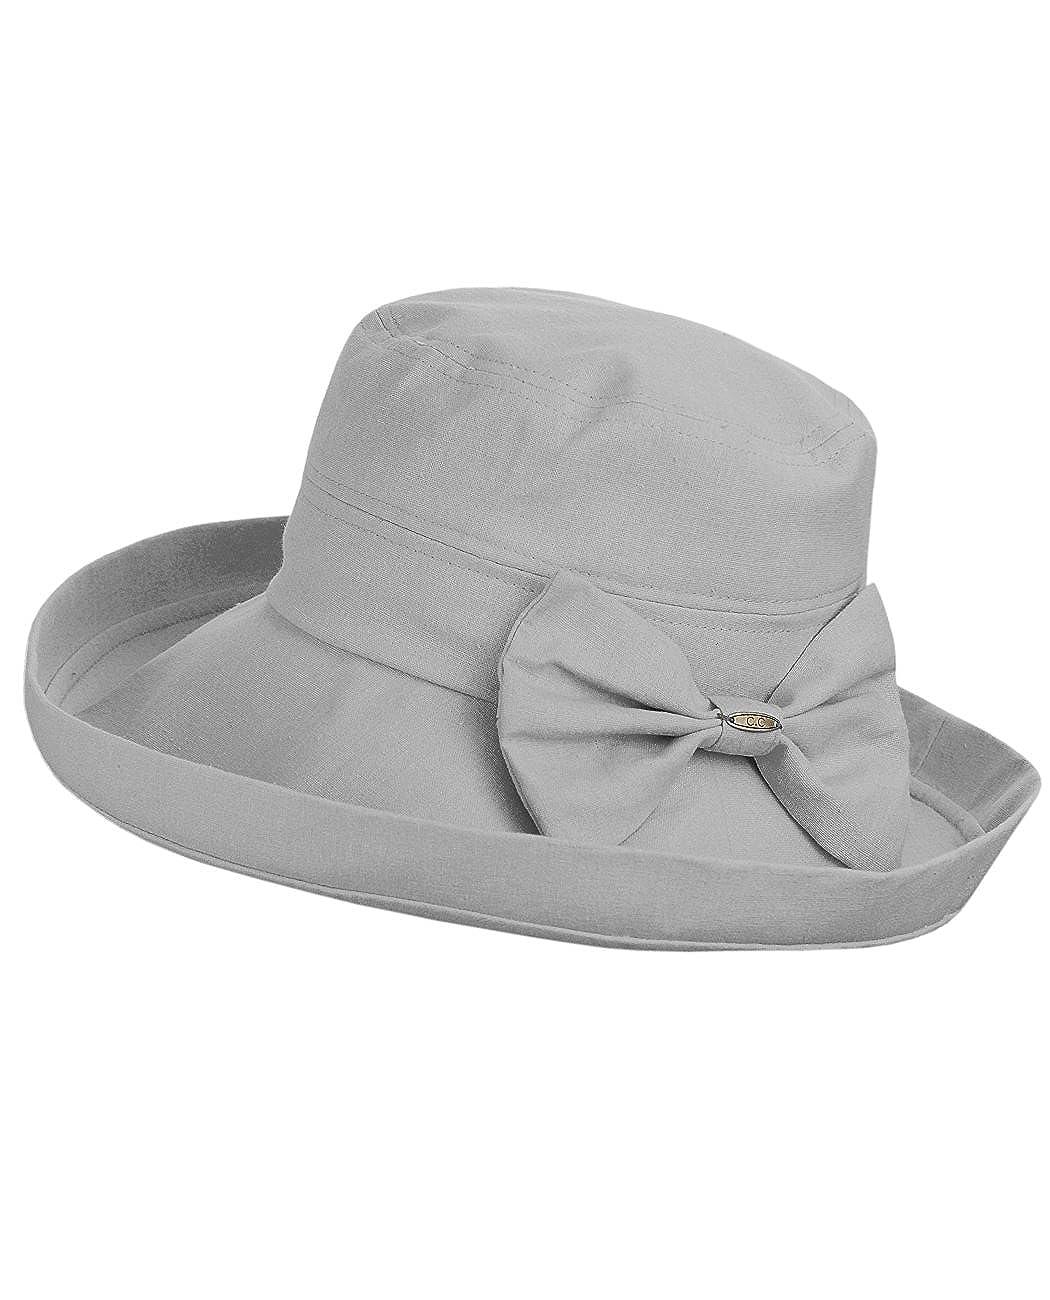 NYFASHION101 Women's Summer Packable Bow Accent Foldable Brim Beach Sun Hat DA2-BG